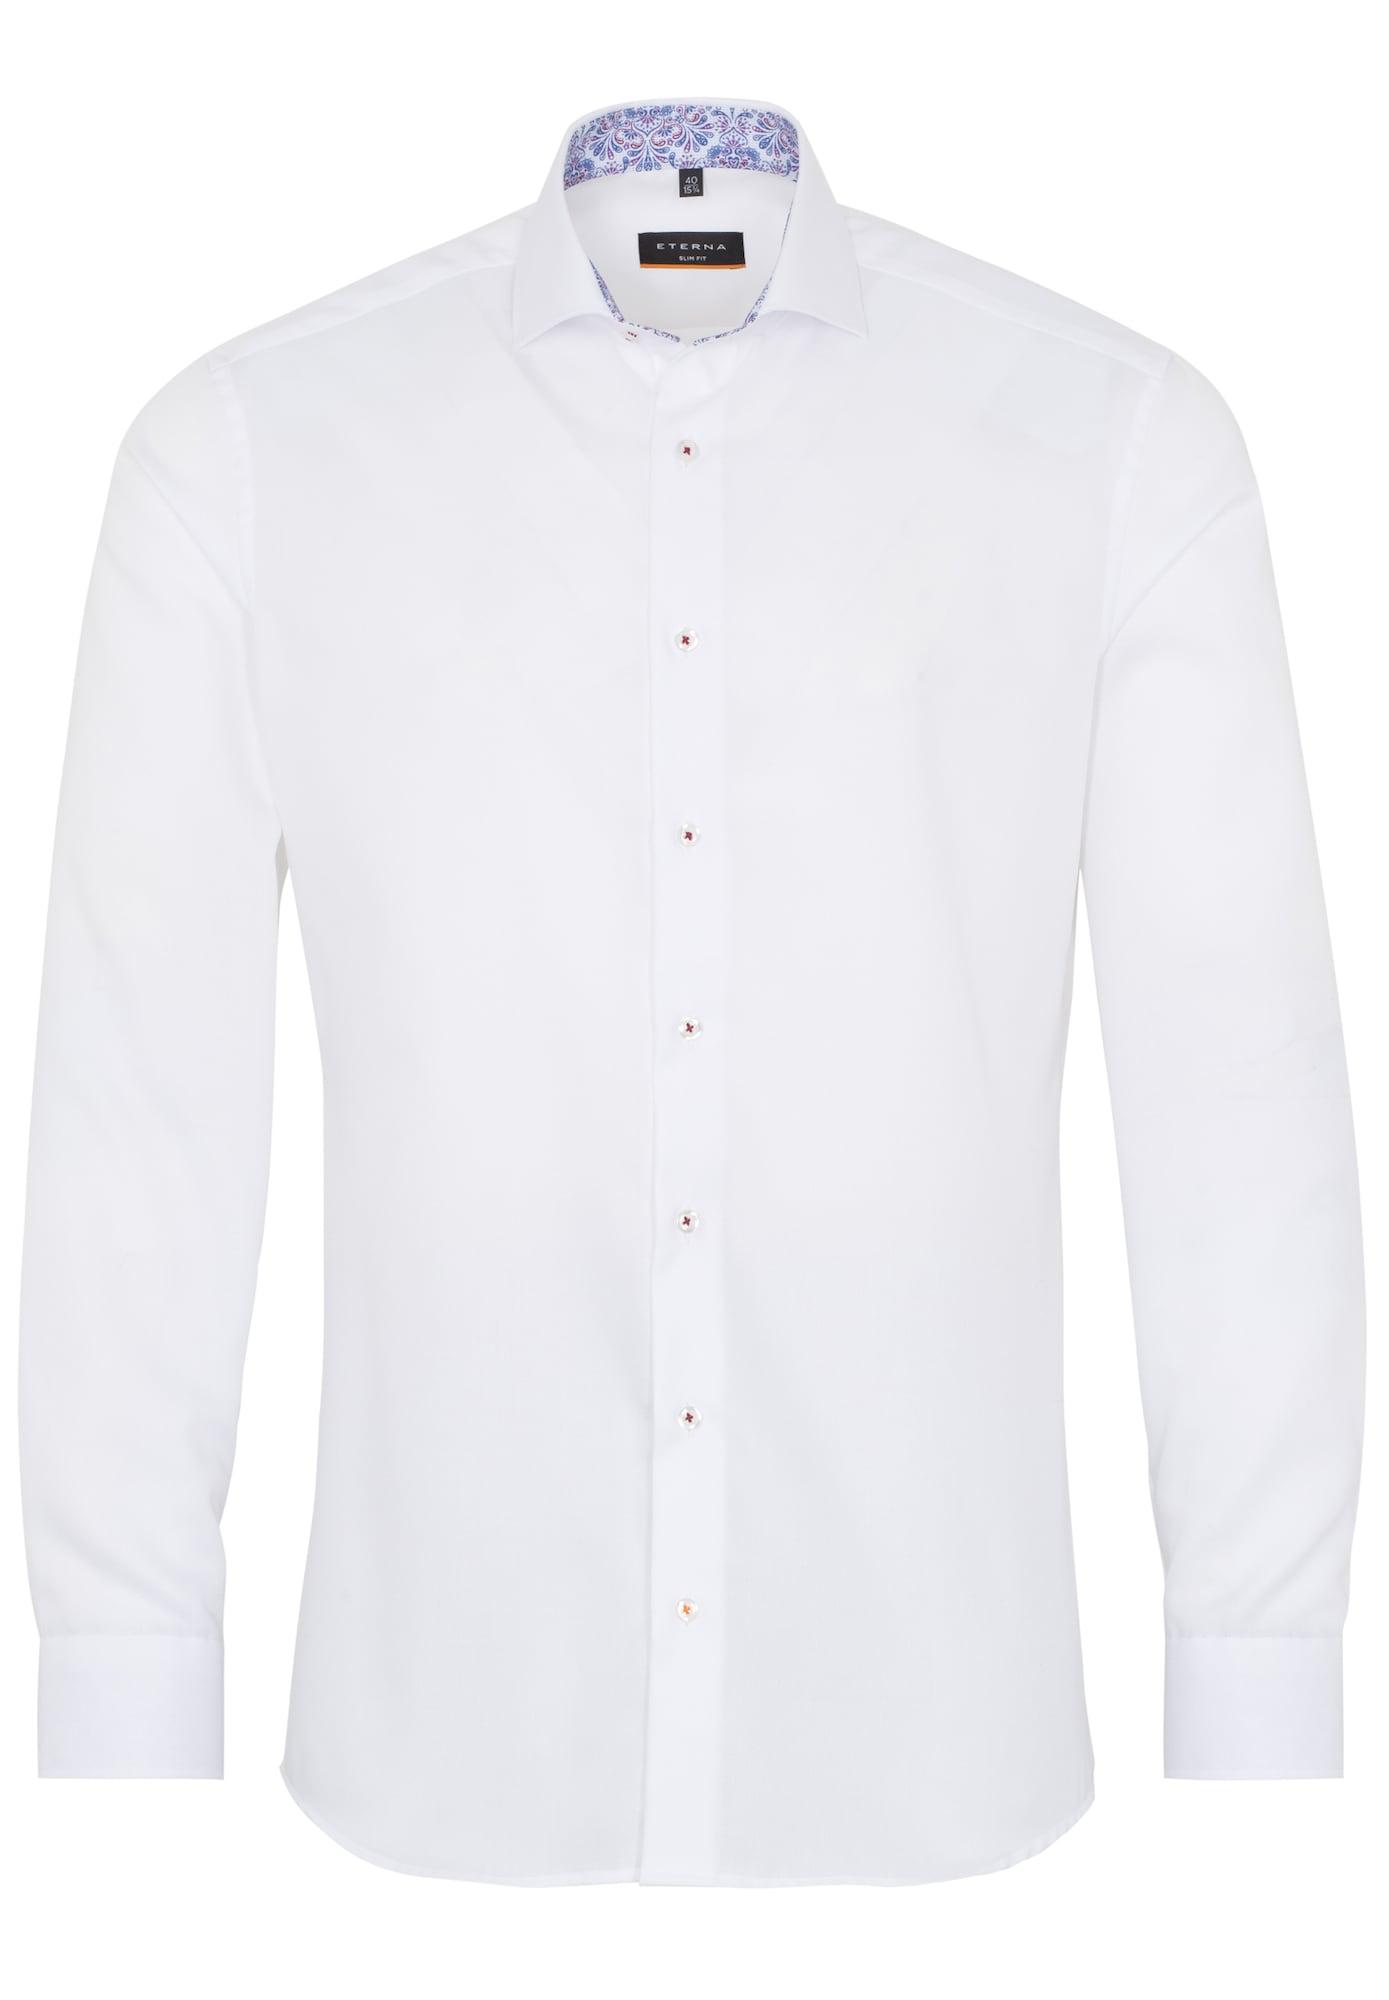 ETERNA Marškiniai balkšva